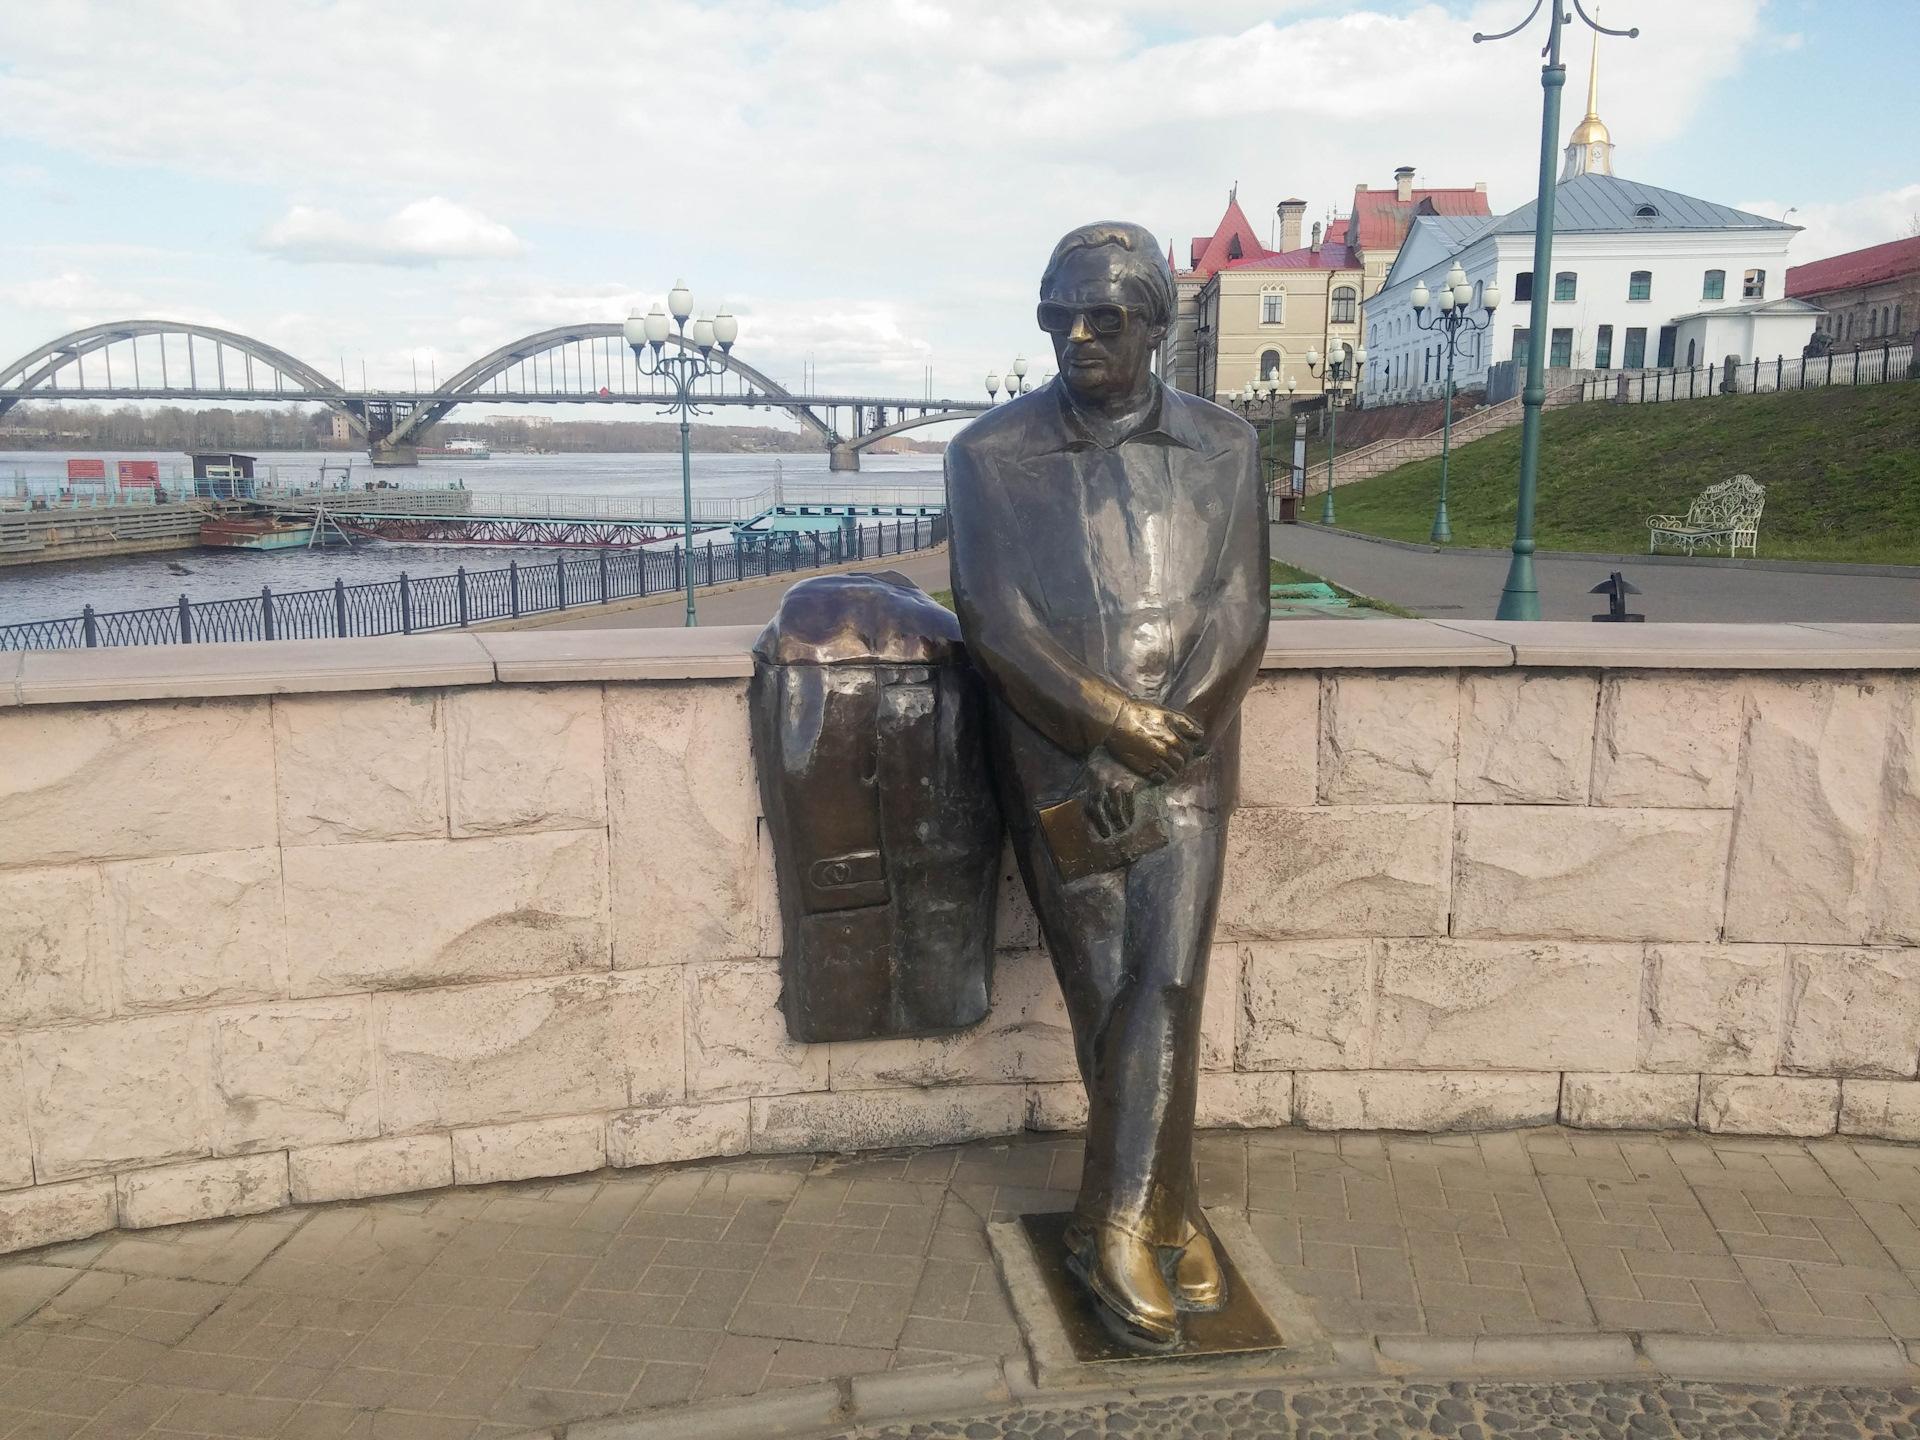 памятник ошанину в рыбинске фото полностью утеплен